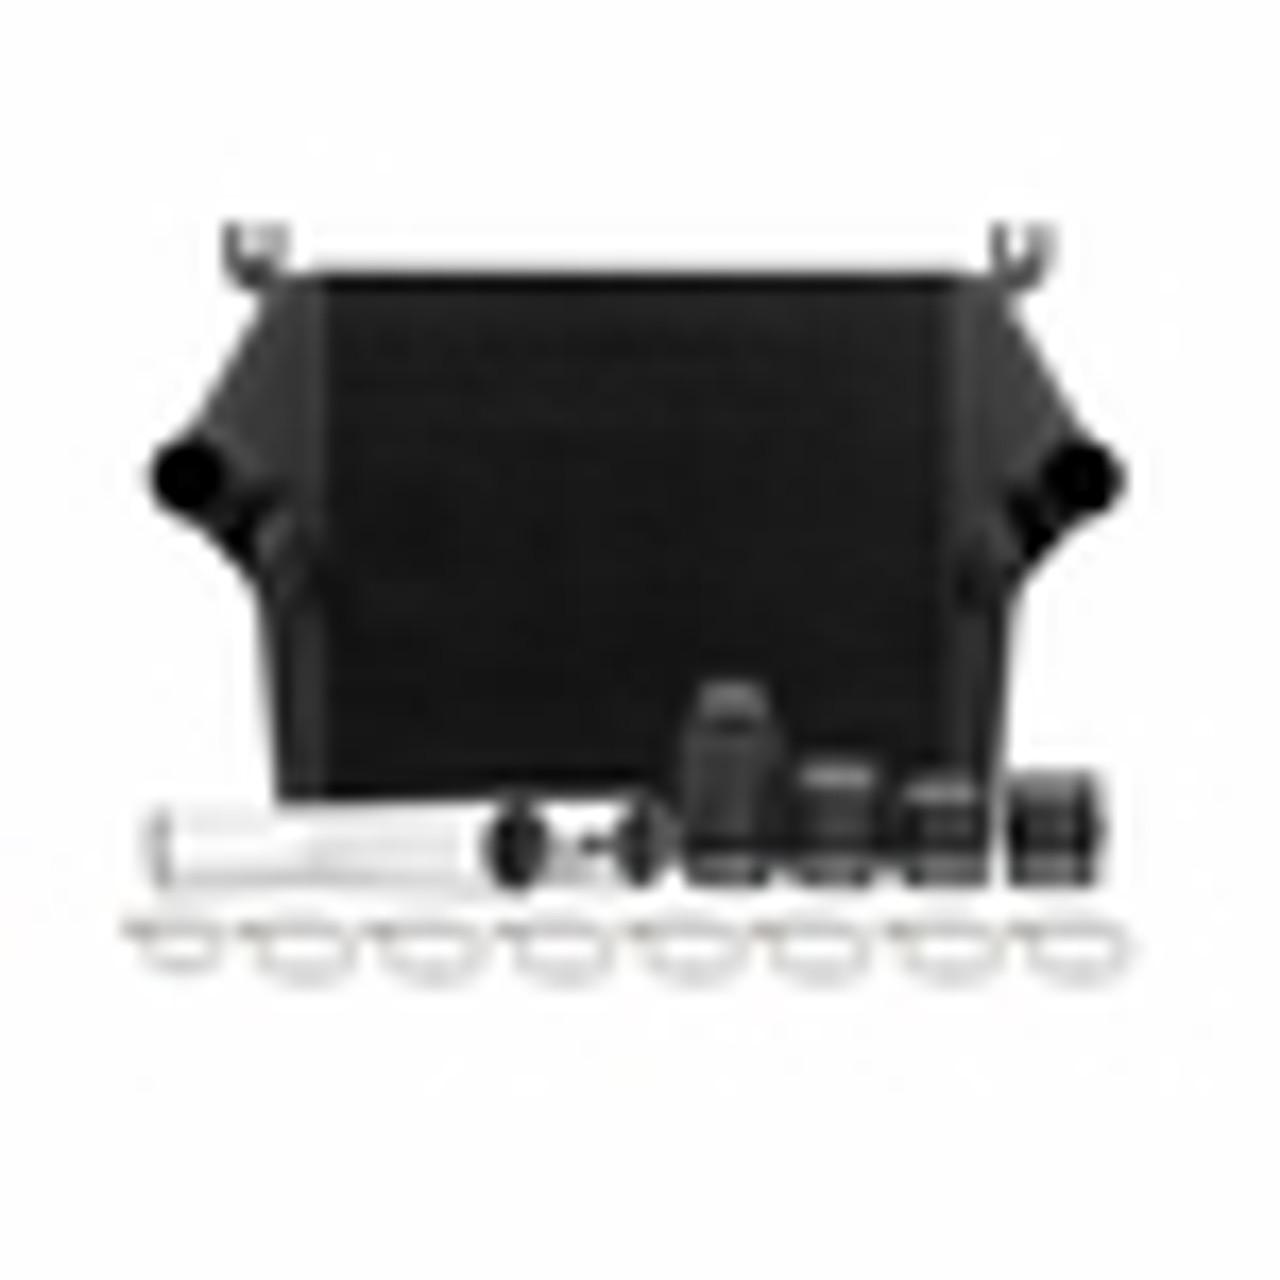 Mishimoto 07.5-09 Dodge 6.7L Cummins Intercooler Kit w/ Pipes (Black)